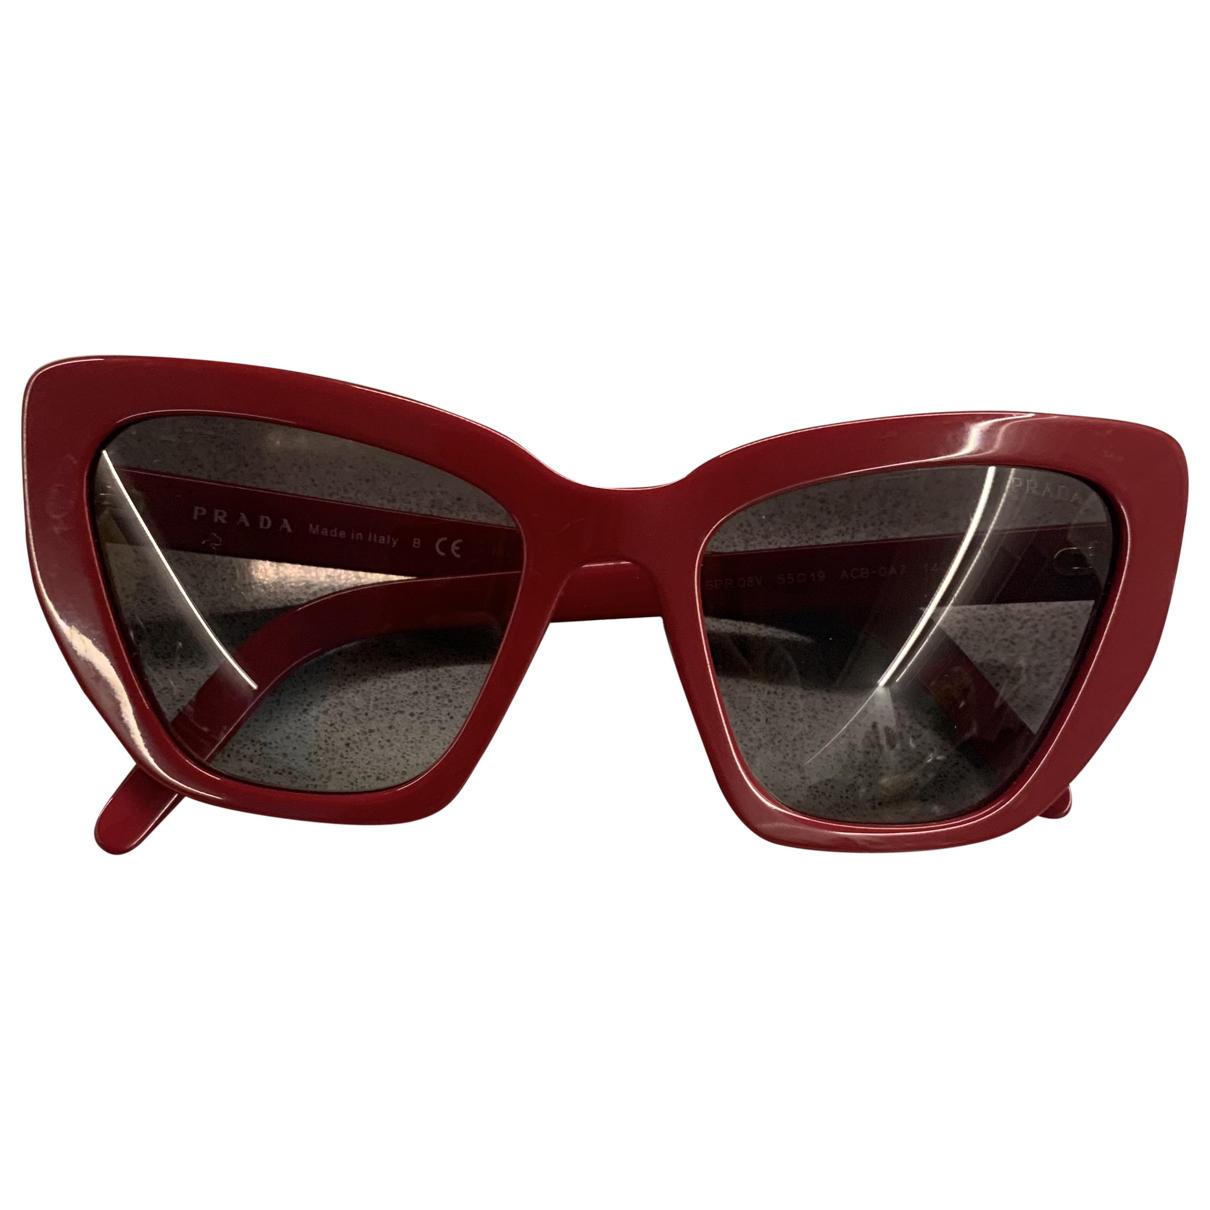 Prada - Lunettes   pour femme - rouge